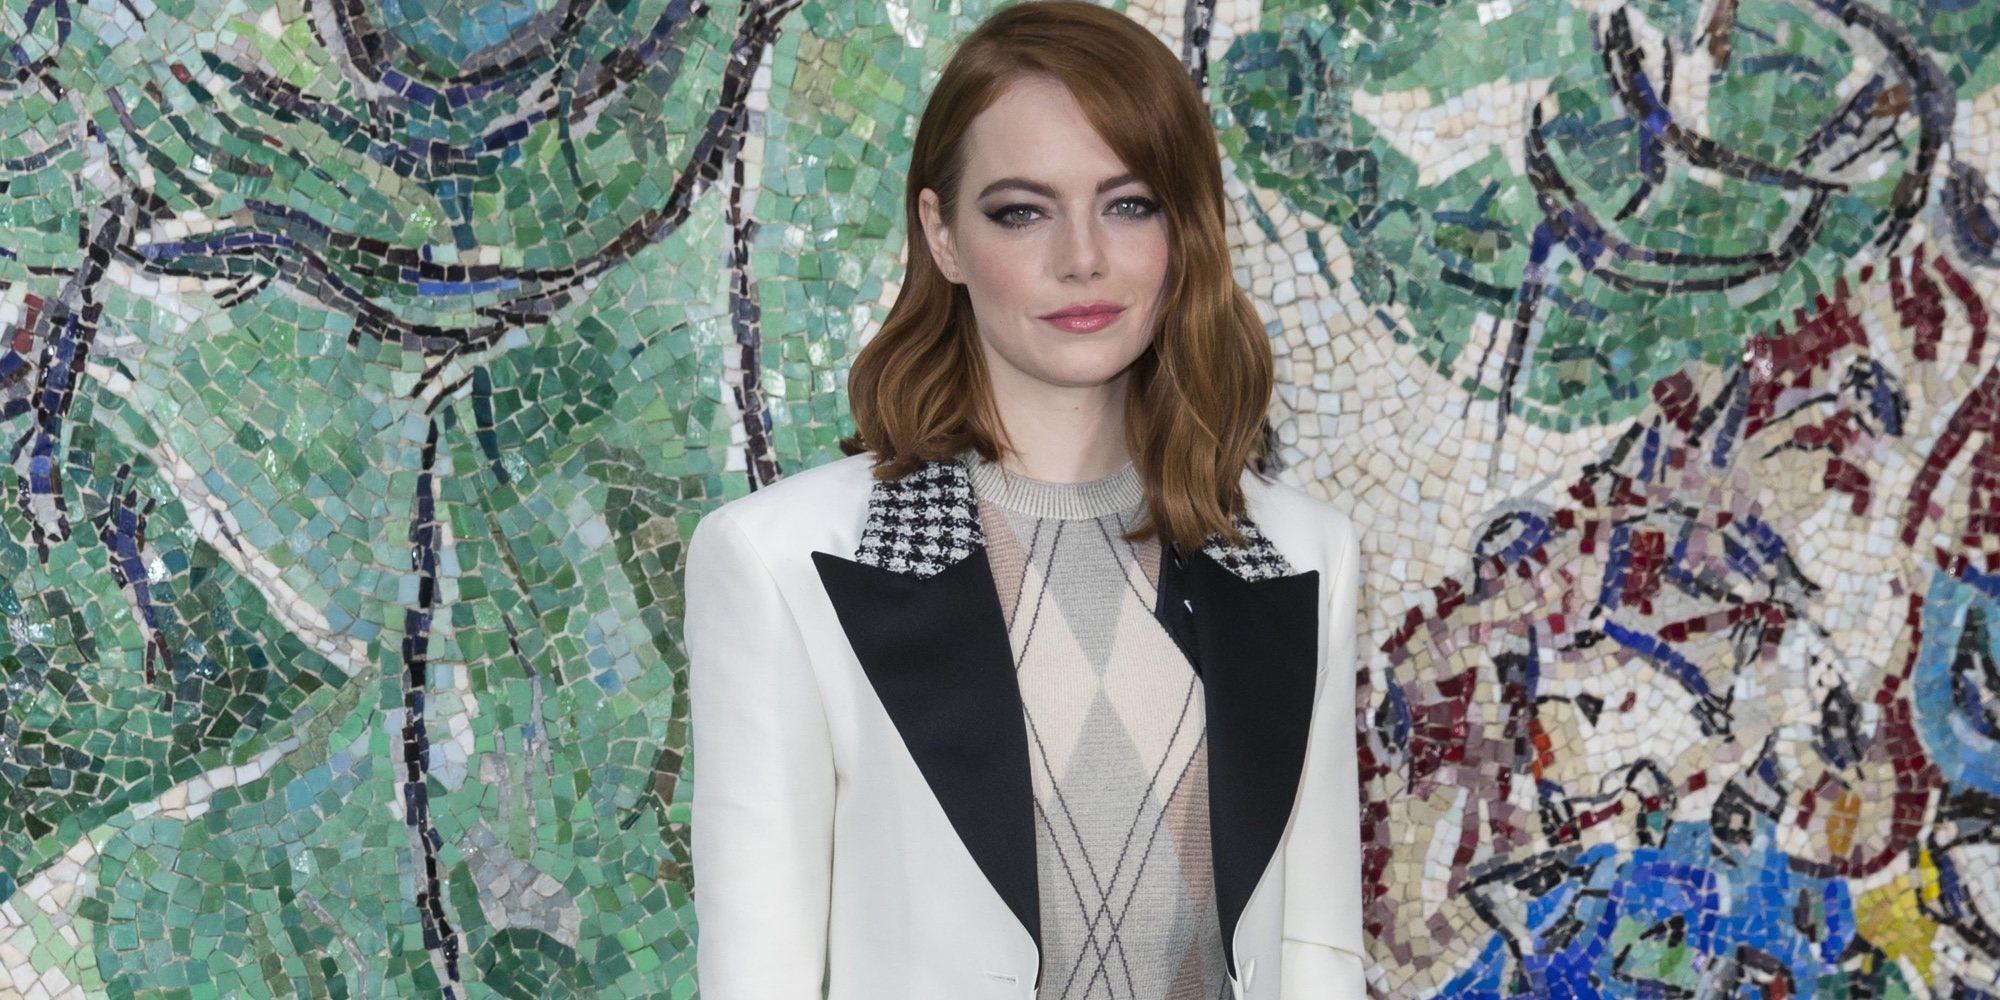 Conoce a Emma Stone a raíz de estas 30 curiosidades